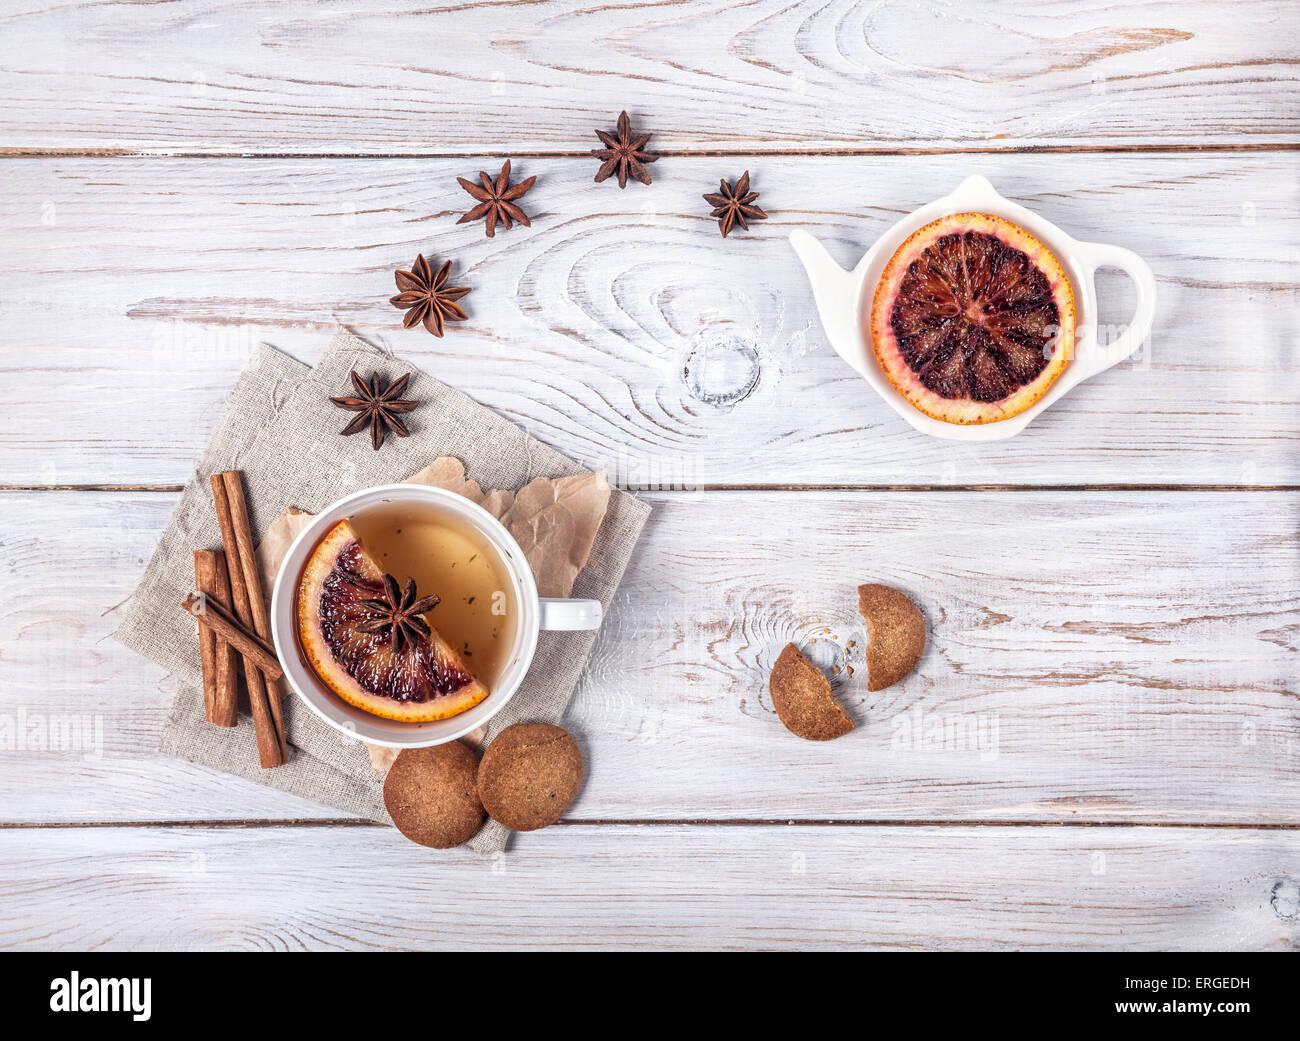 Tè marocchino con spezie e fetta di arancione sul bianco sullo sfondo di legno Immagini Stock